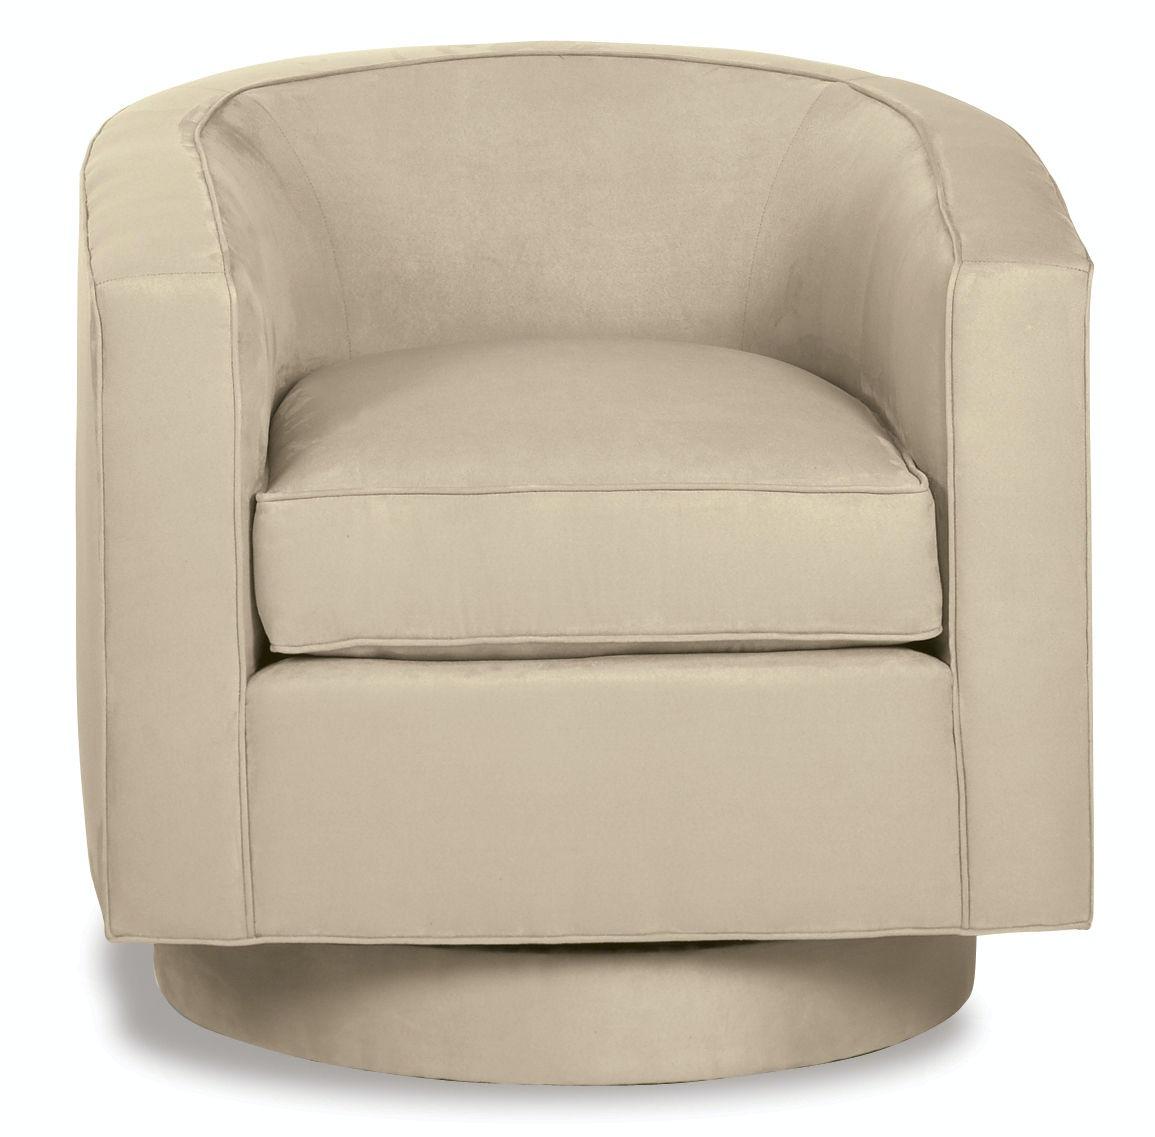 Kravet Living Room Kissimee Swivel Chair Ds230S - Kravet - New